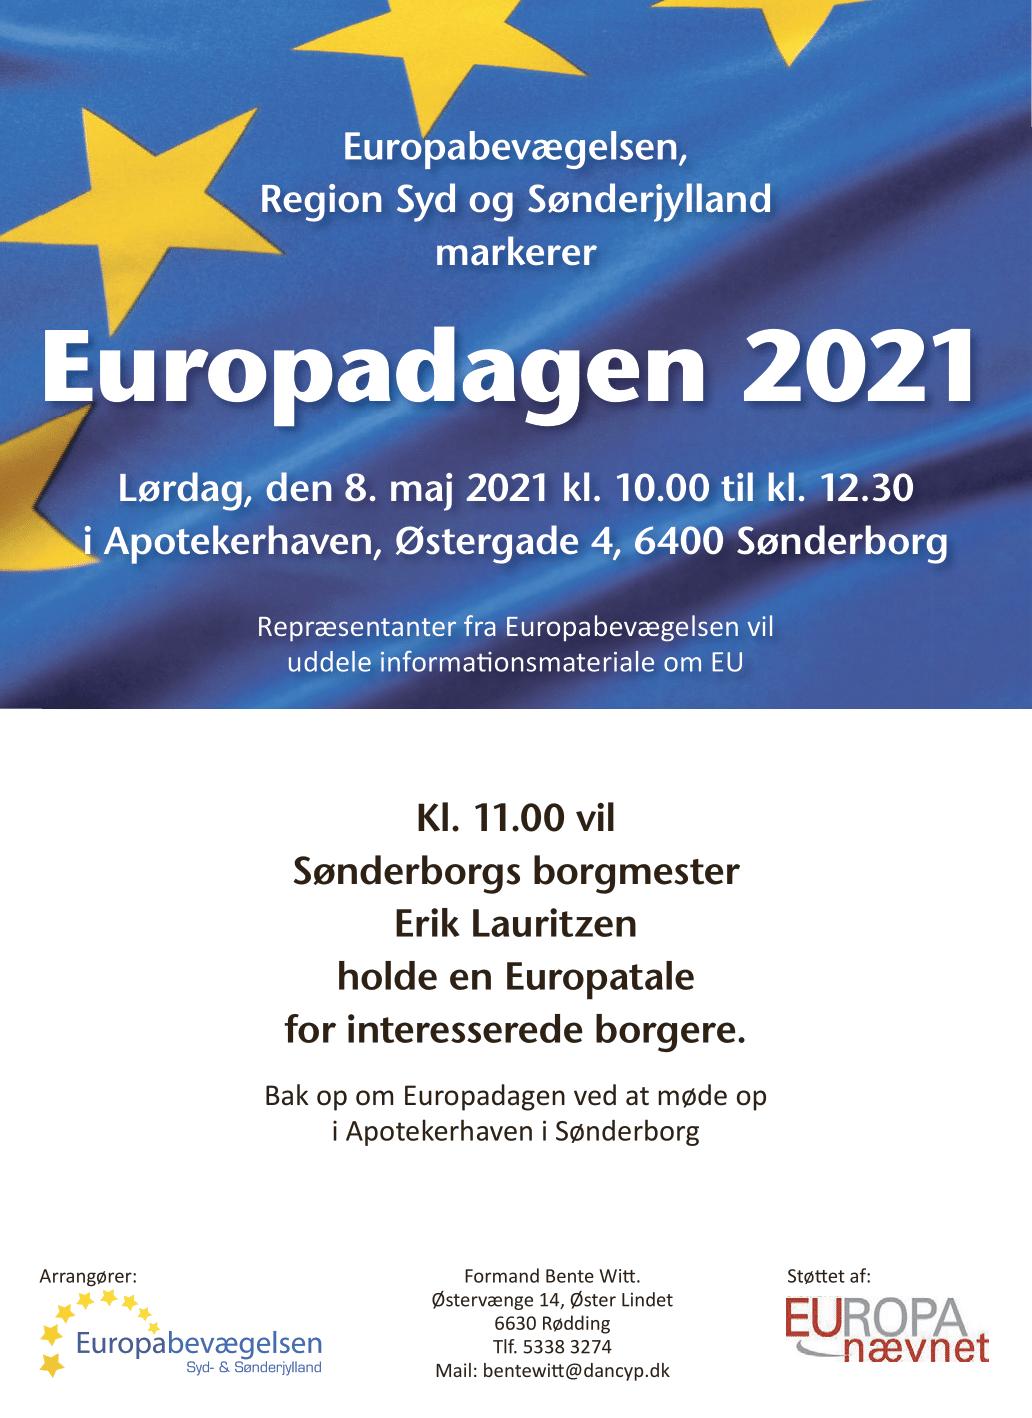 Syd- og Sønderjylland markerer Europadagen 2021